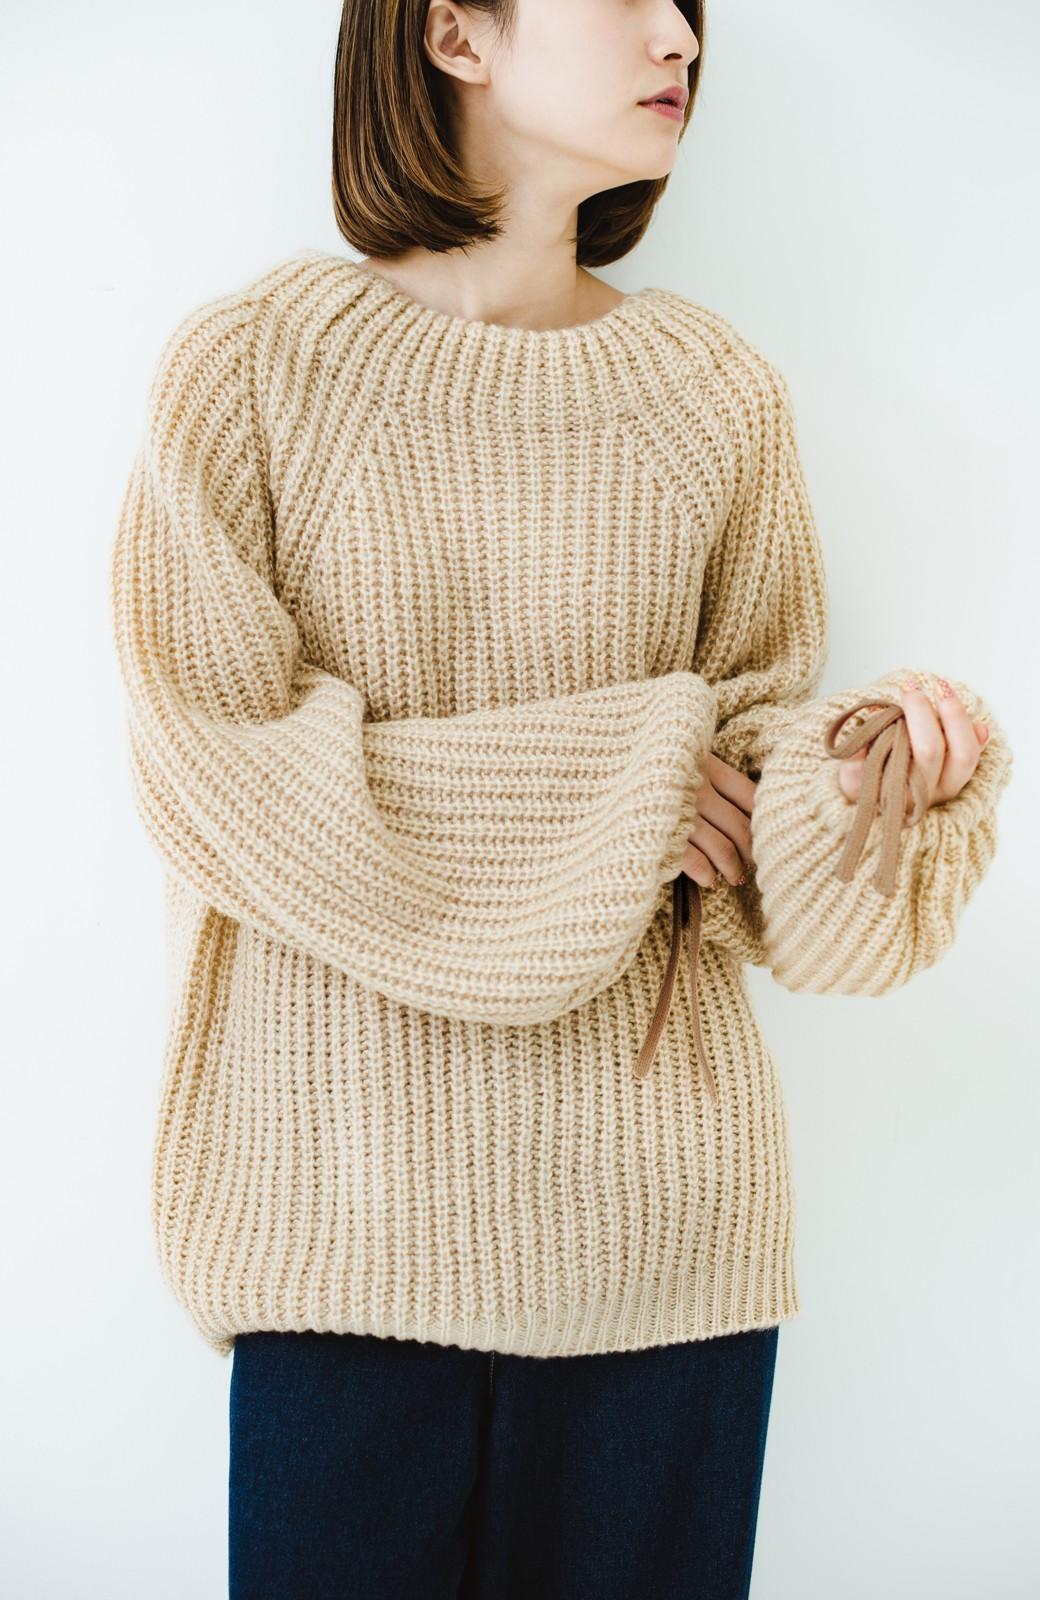 haco! ボリューム感が華奢見せさせる 袖リボンあぜ編みニット <ベージュ>の商品写真9